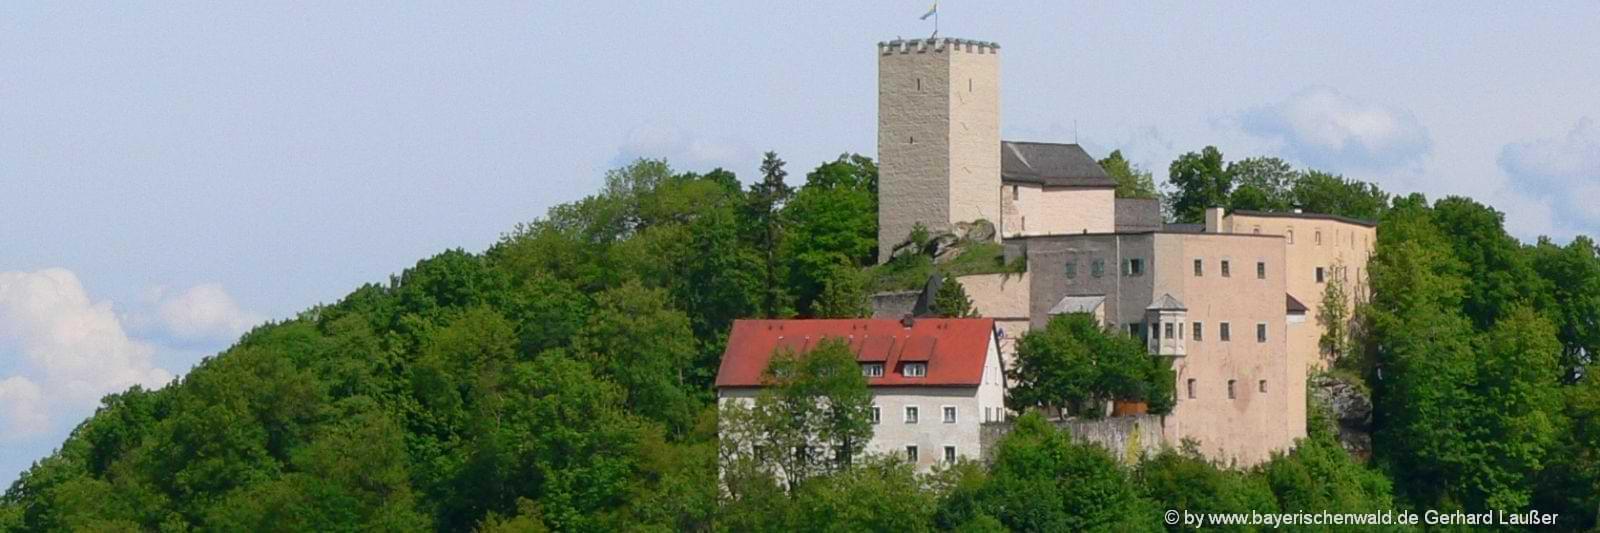 Tagesausflug Bayerischer Wald – Sehenswürdigkeiten und Freizeitangebote entdecken